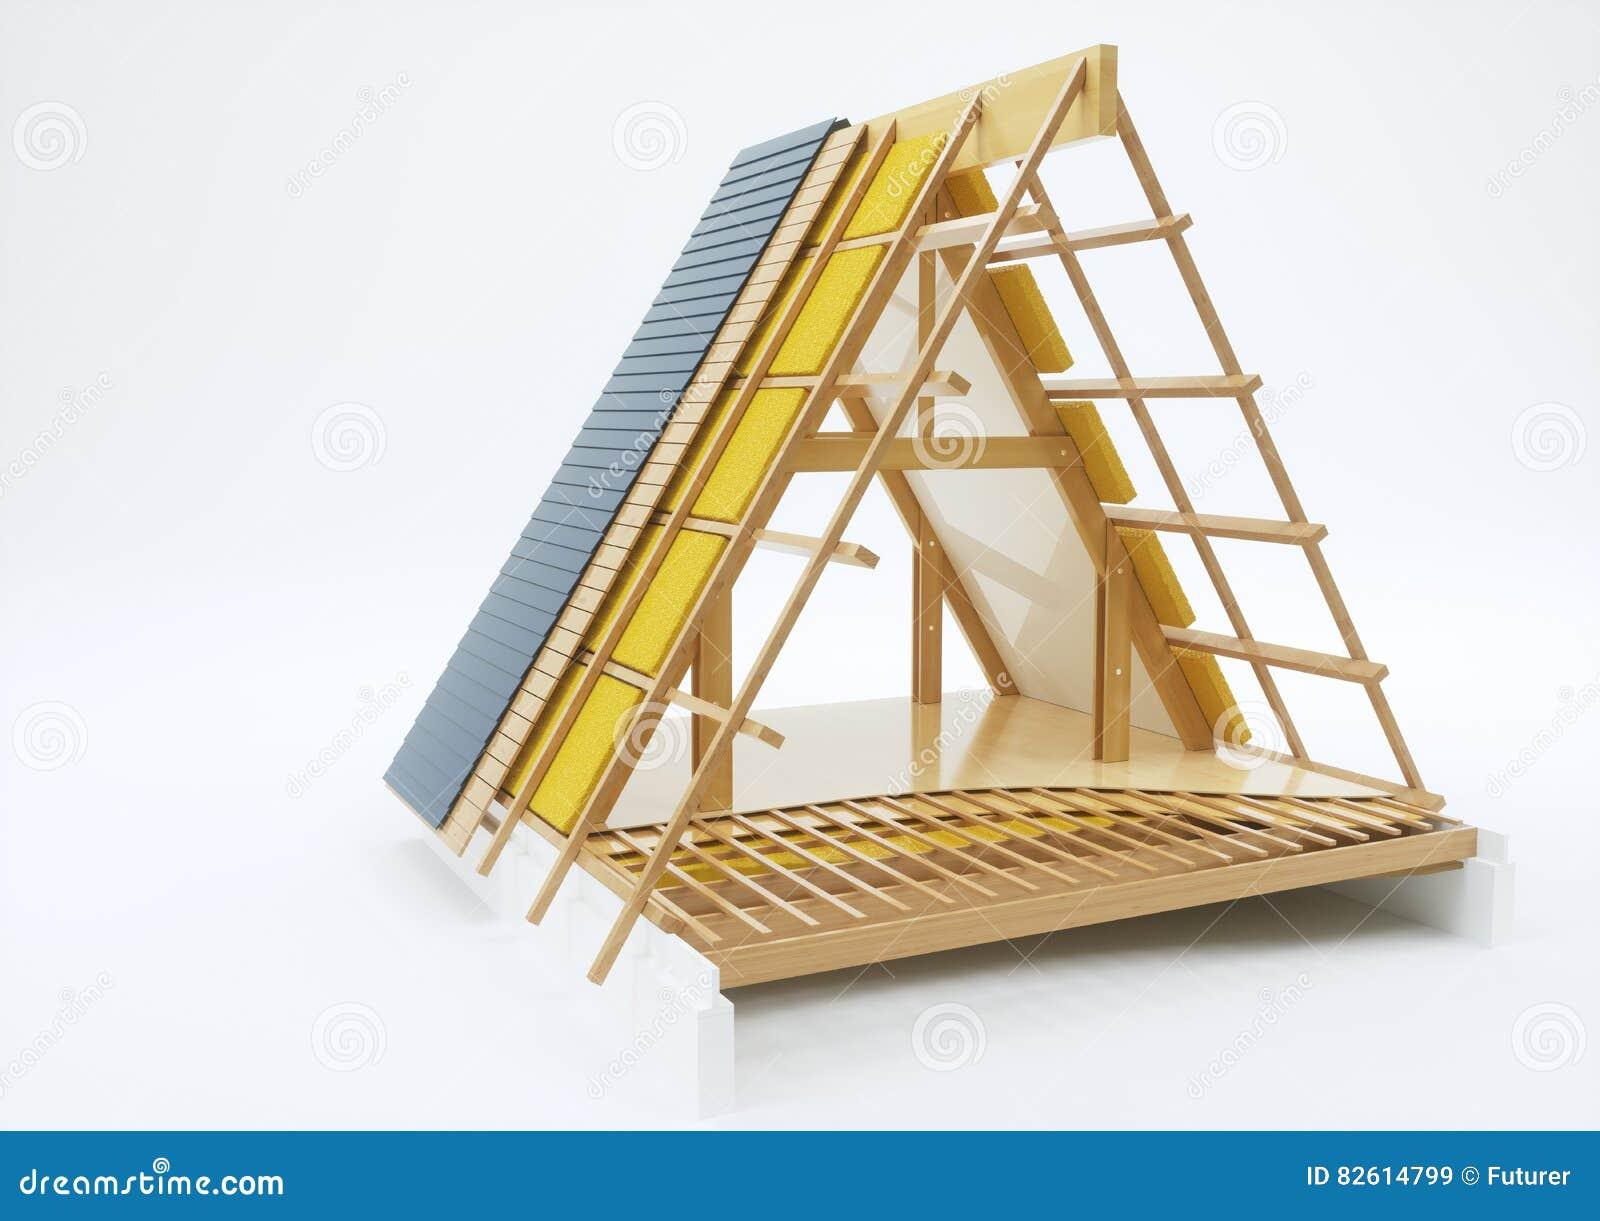 Dachkonstruktion Mit Technischen Details Wiedergabe 3d Stockbild